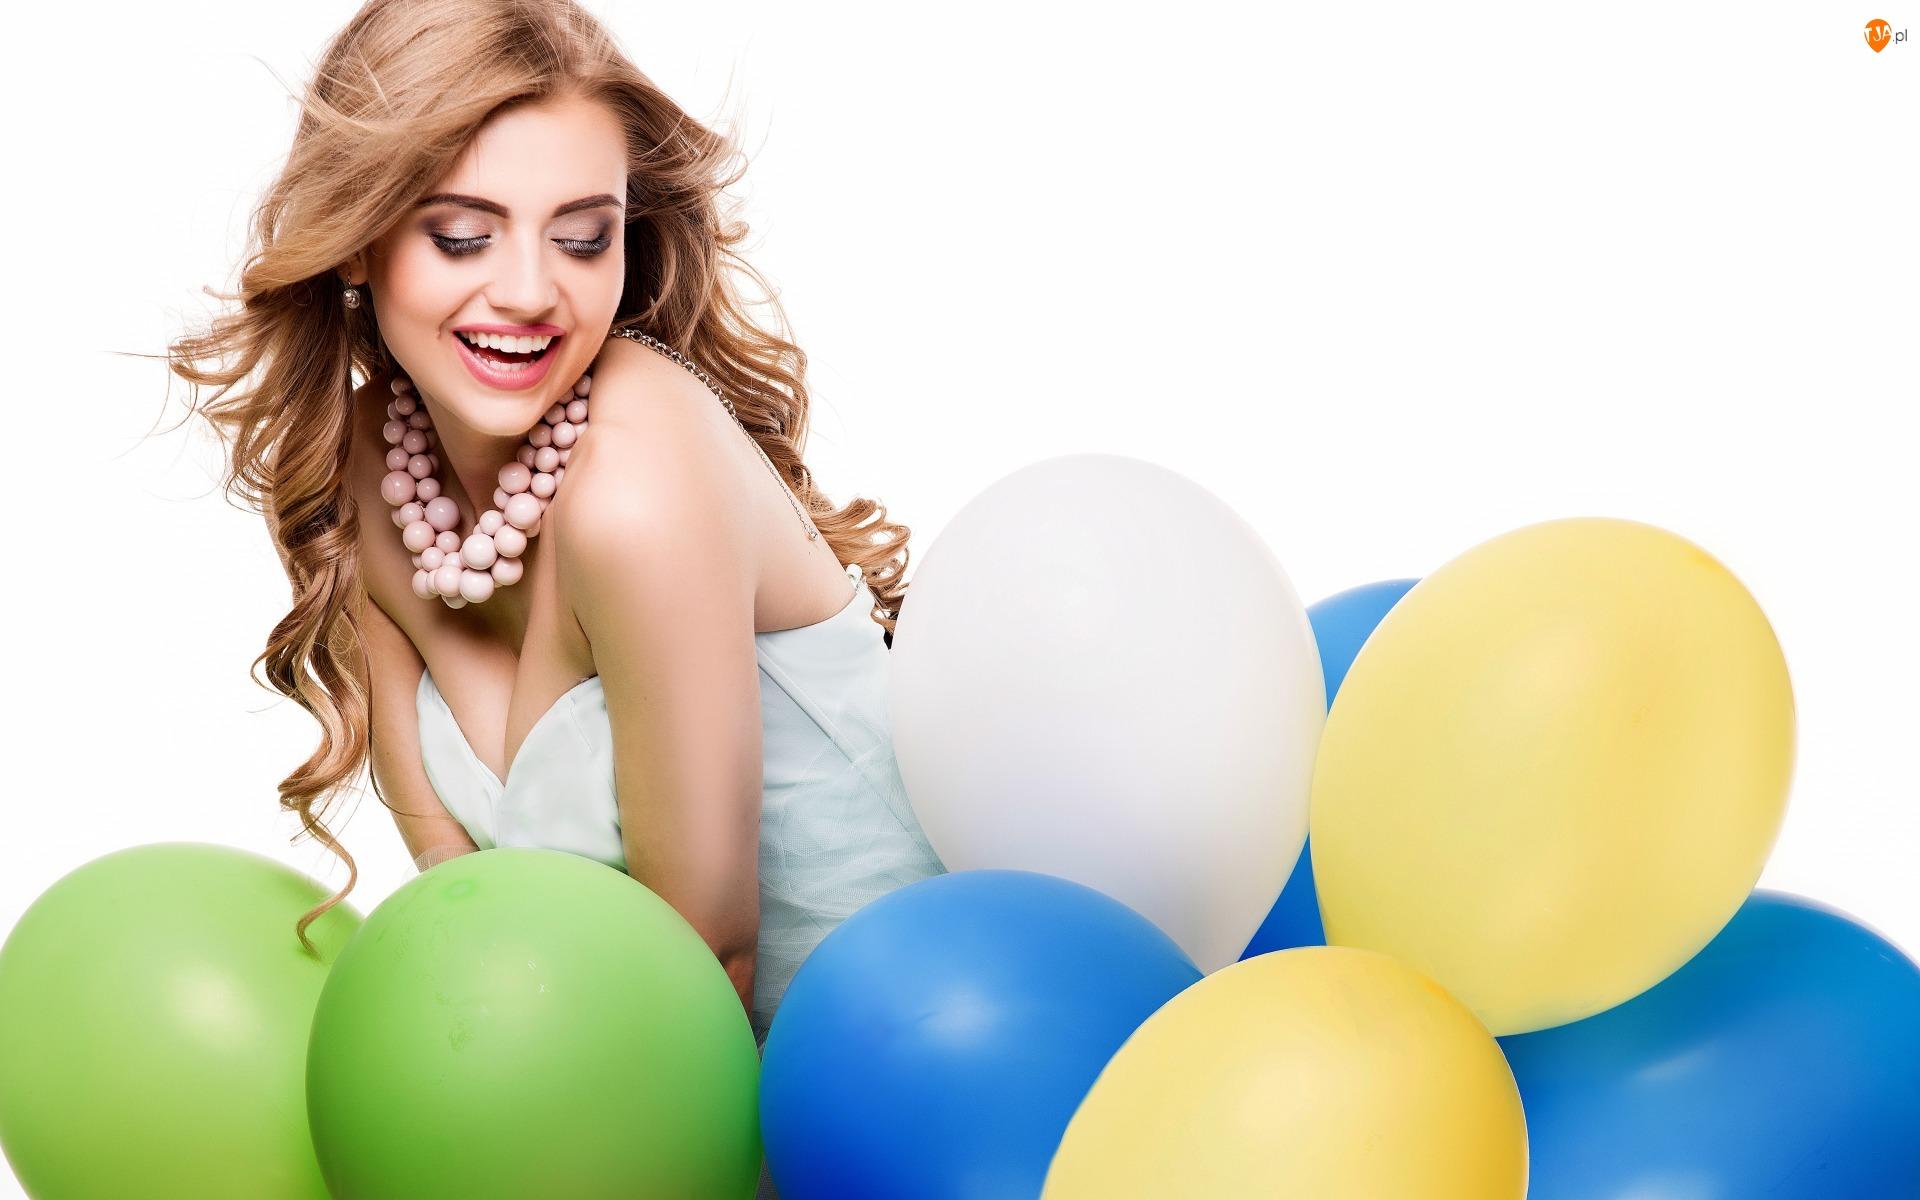 Uśmiech, Kobieta, Zabawa, Balony, Twarz